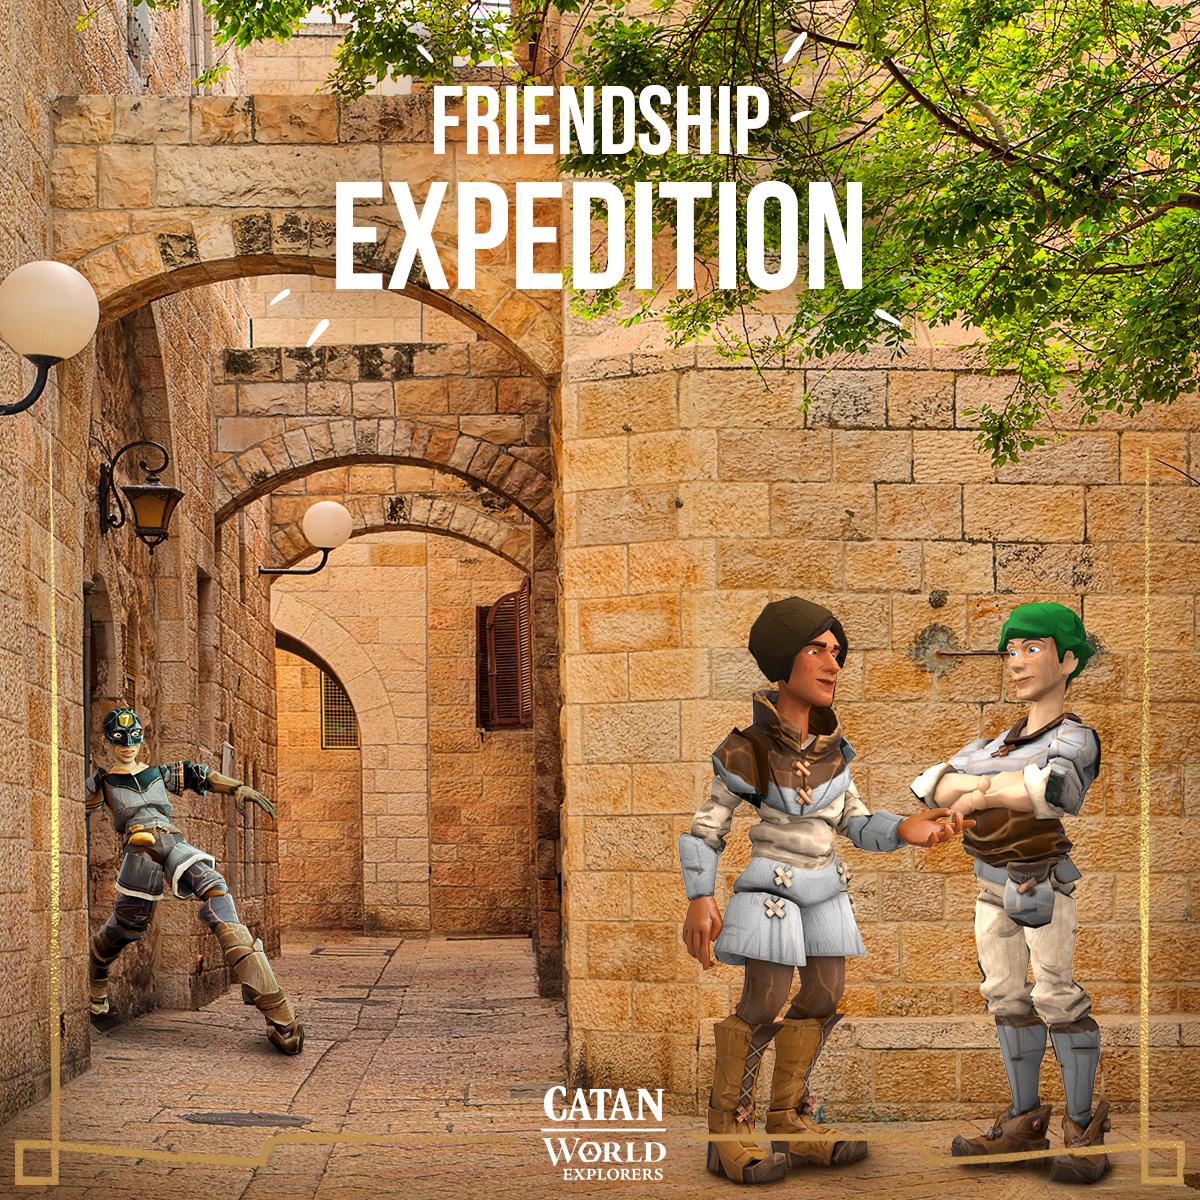 Catan_Friendship Week_1x1_01 (1).jpg